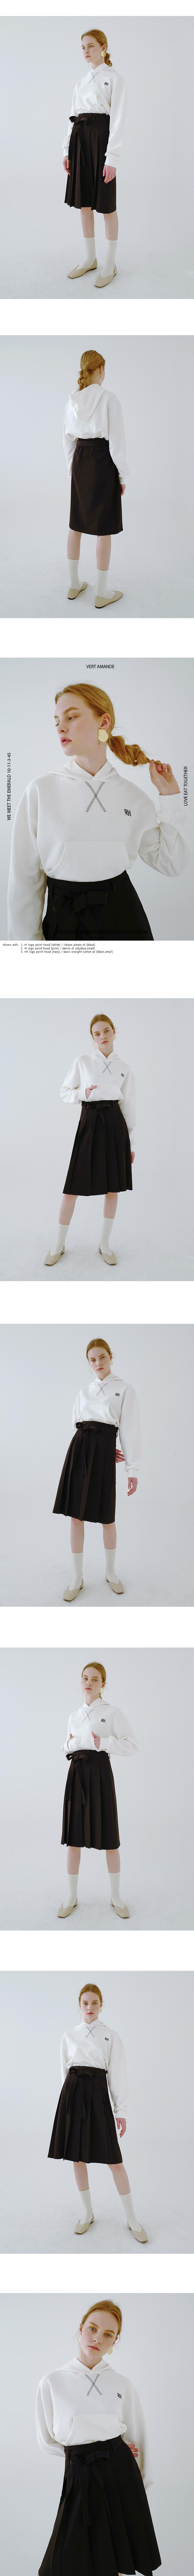 루흠(RUHM) RH 로고 포인트 후드 티 - 네이비